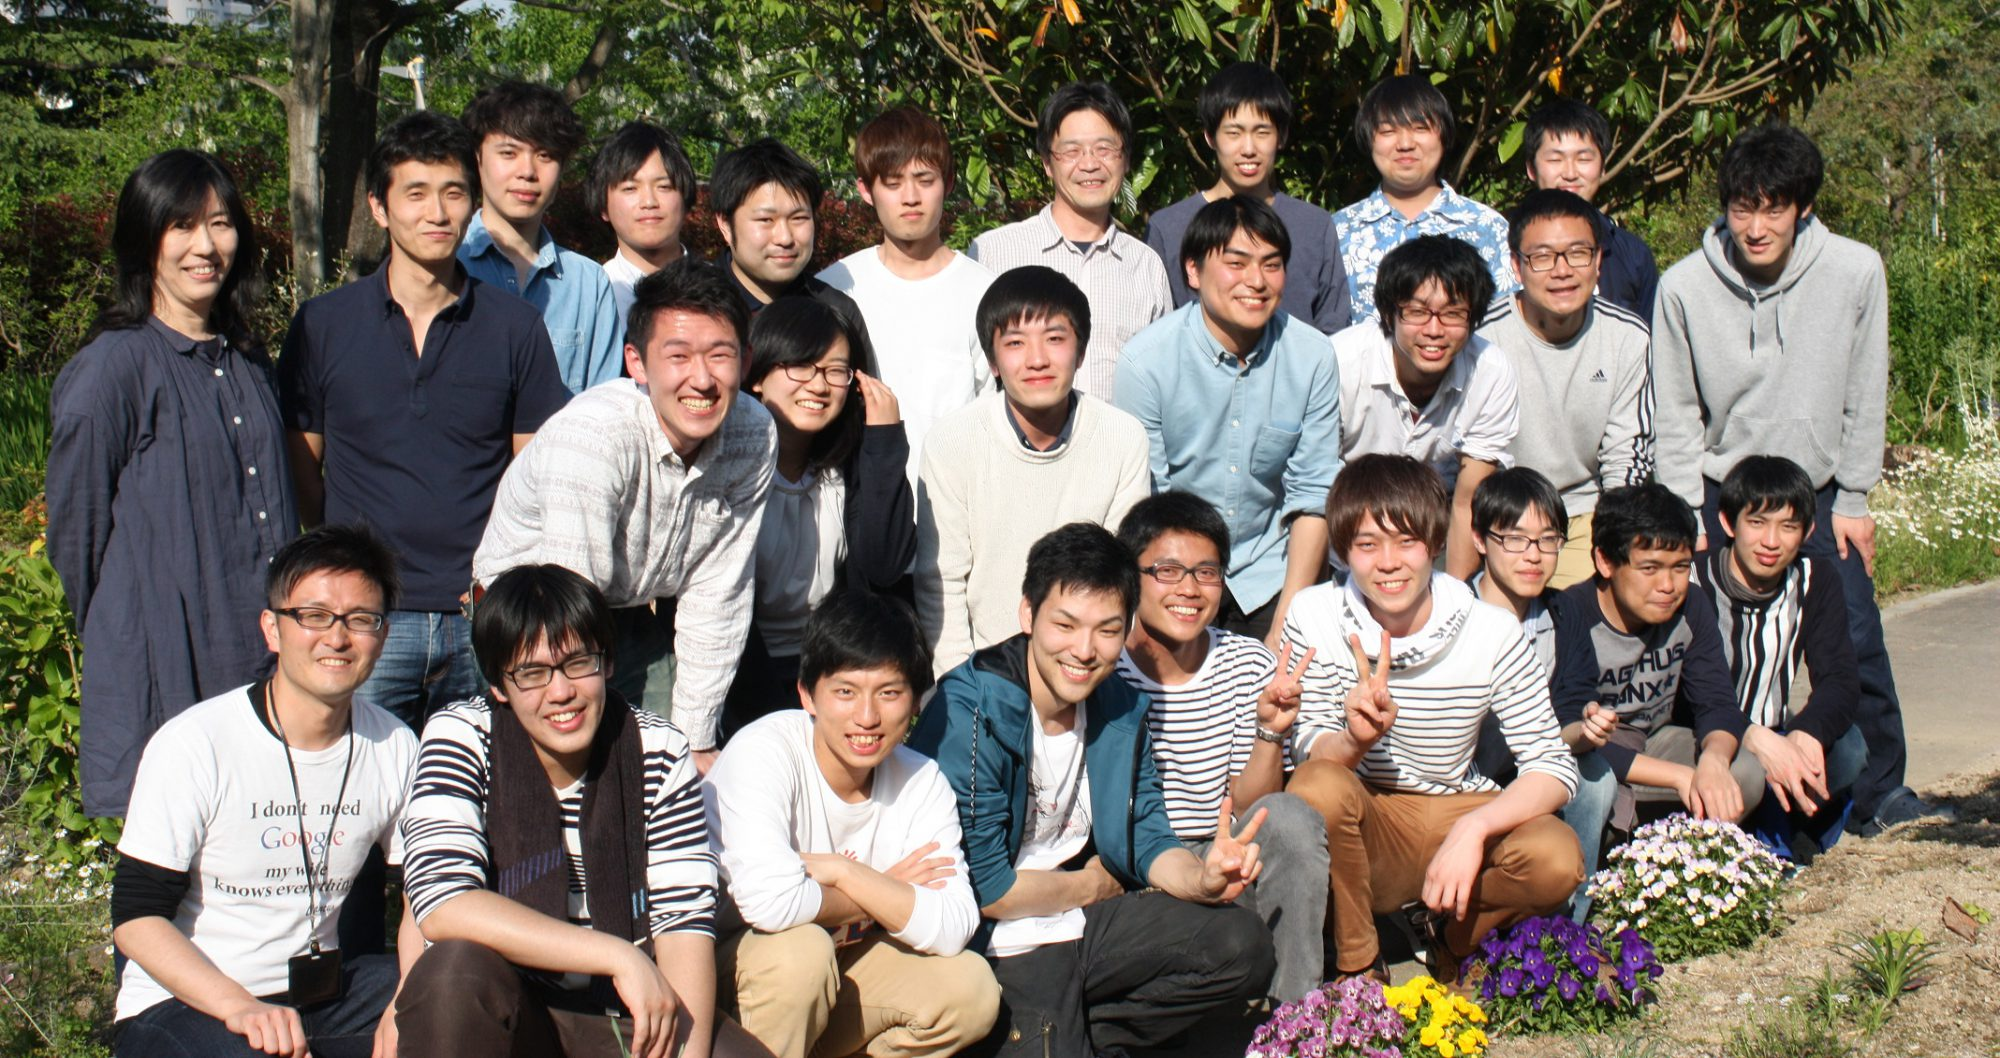 大阪大学薬学部 分子合成化学分野